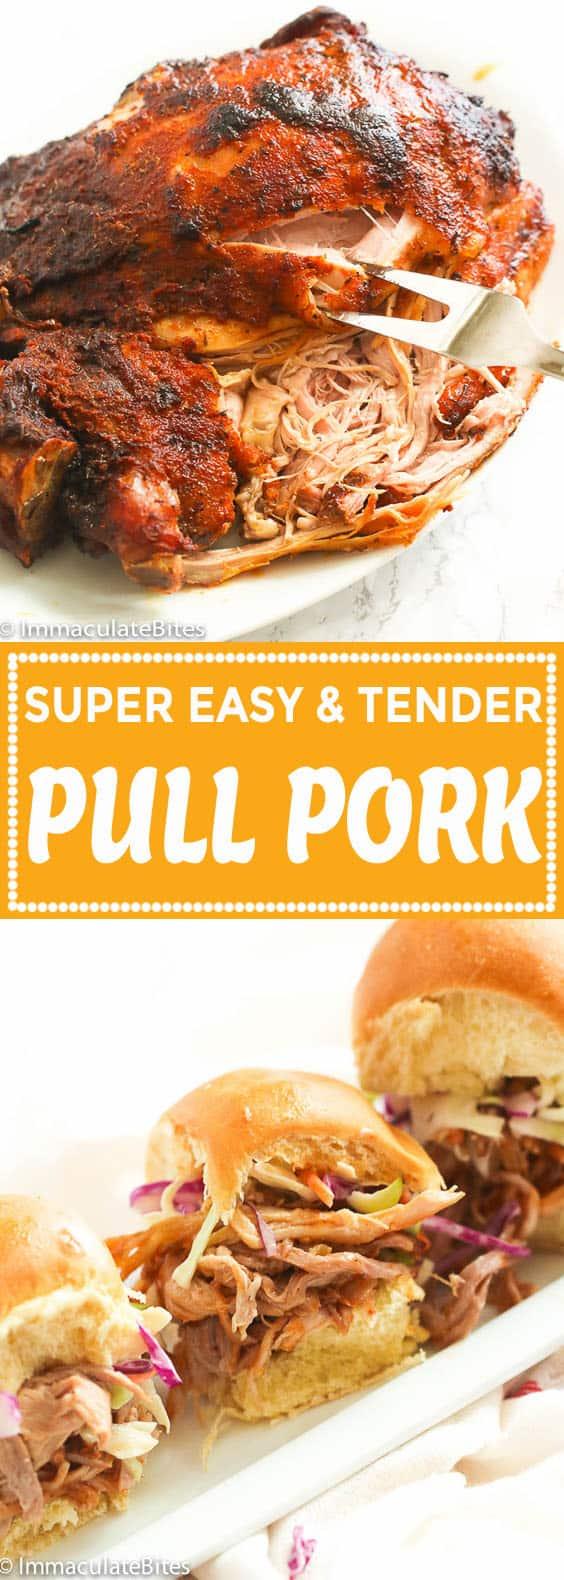 Pull Pork.2